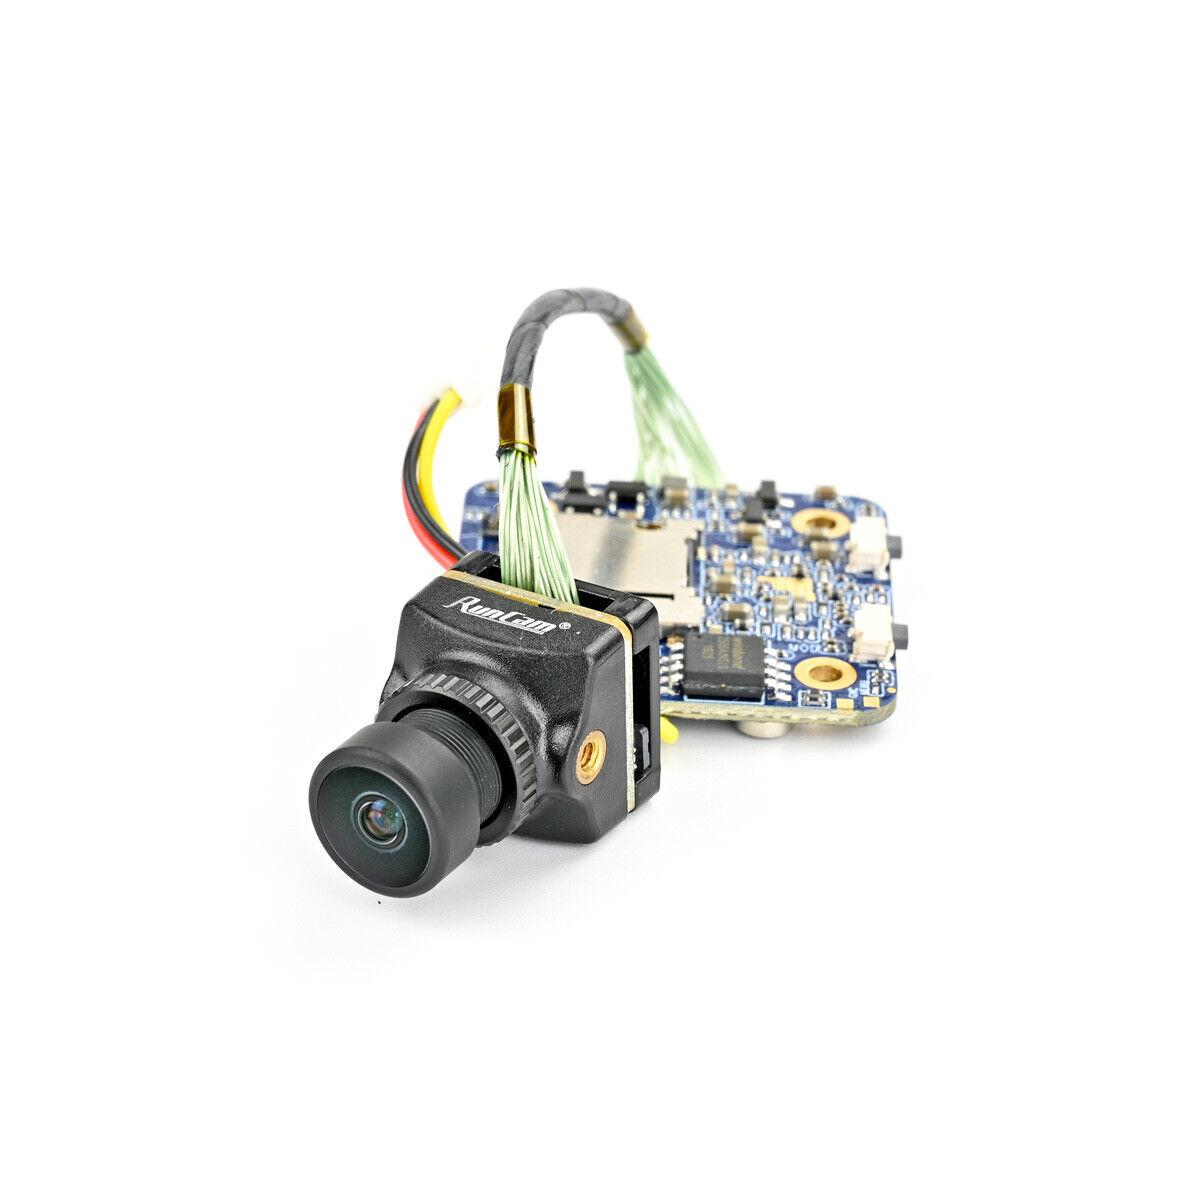 ランコムスプリット3ナノブラックFPV HDカメラ